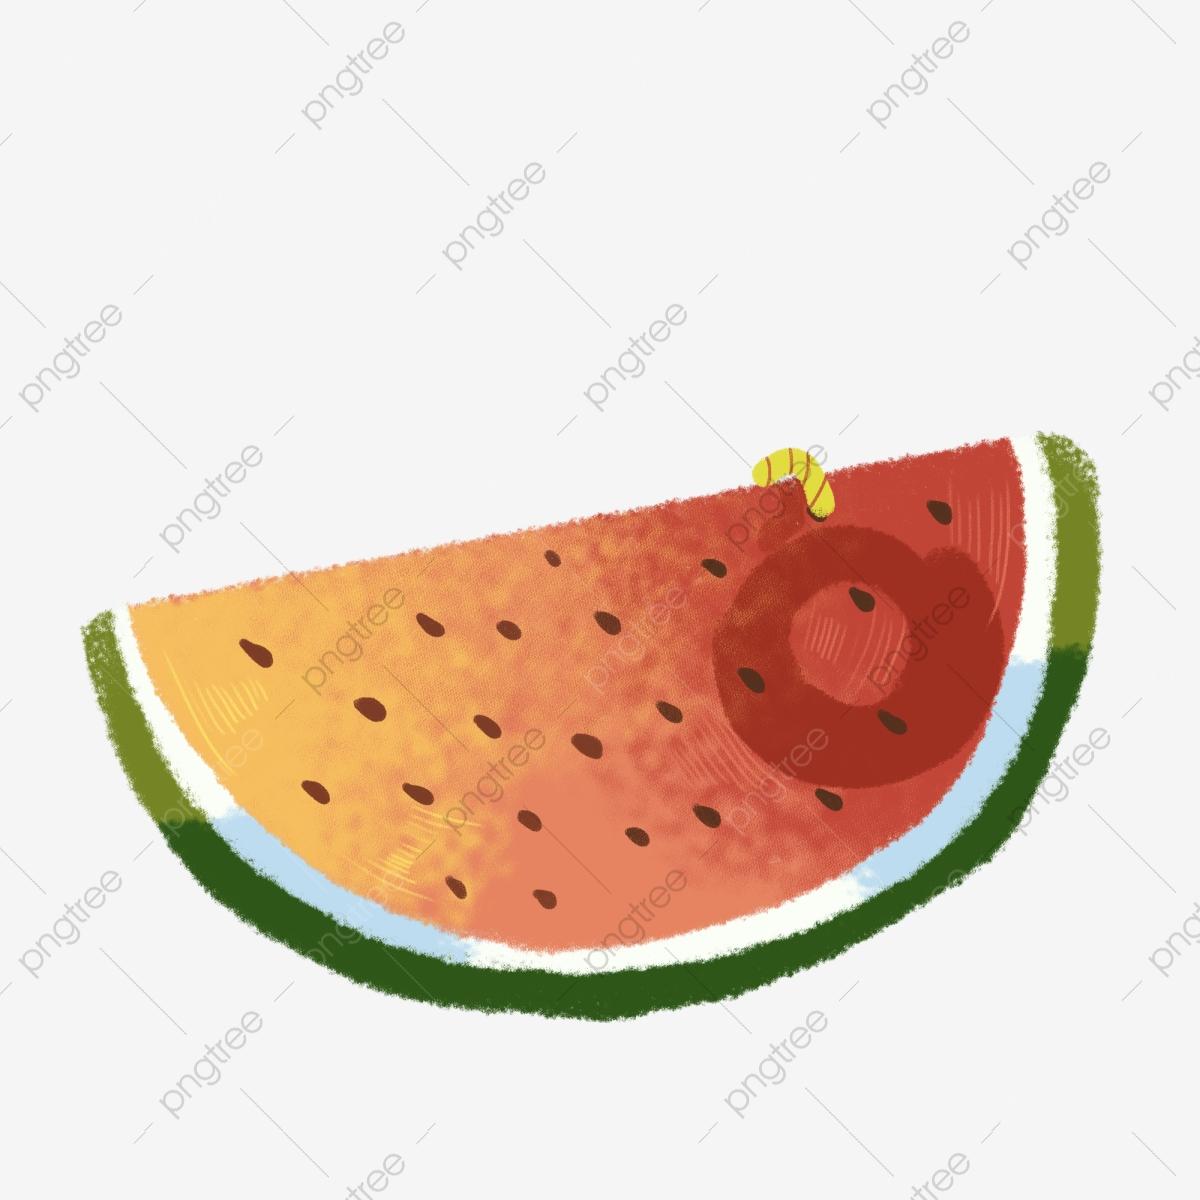 Watermelon clipart broken. Cartoon png download worms